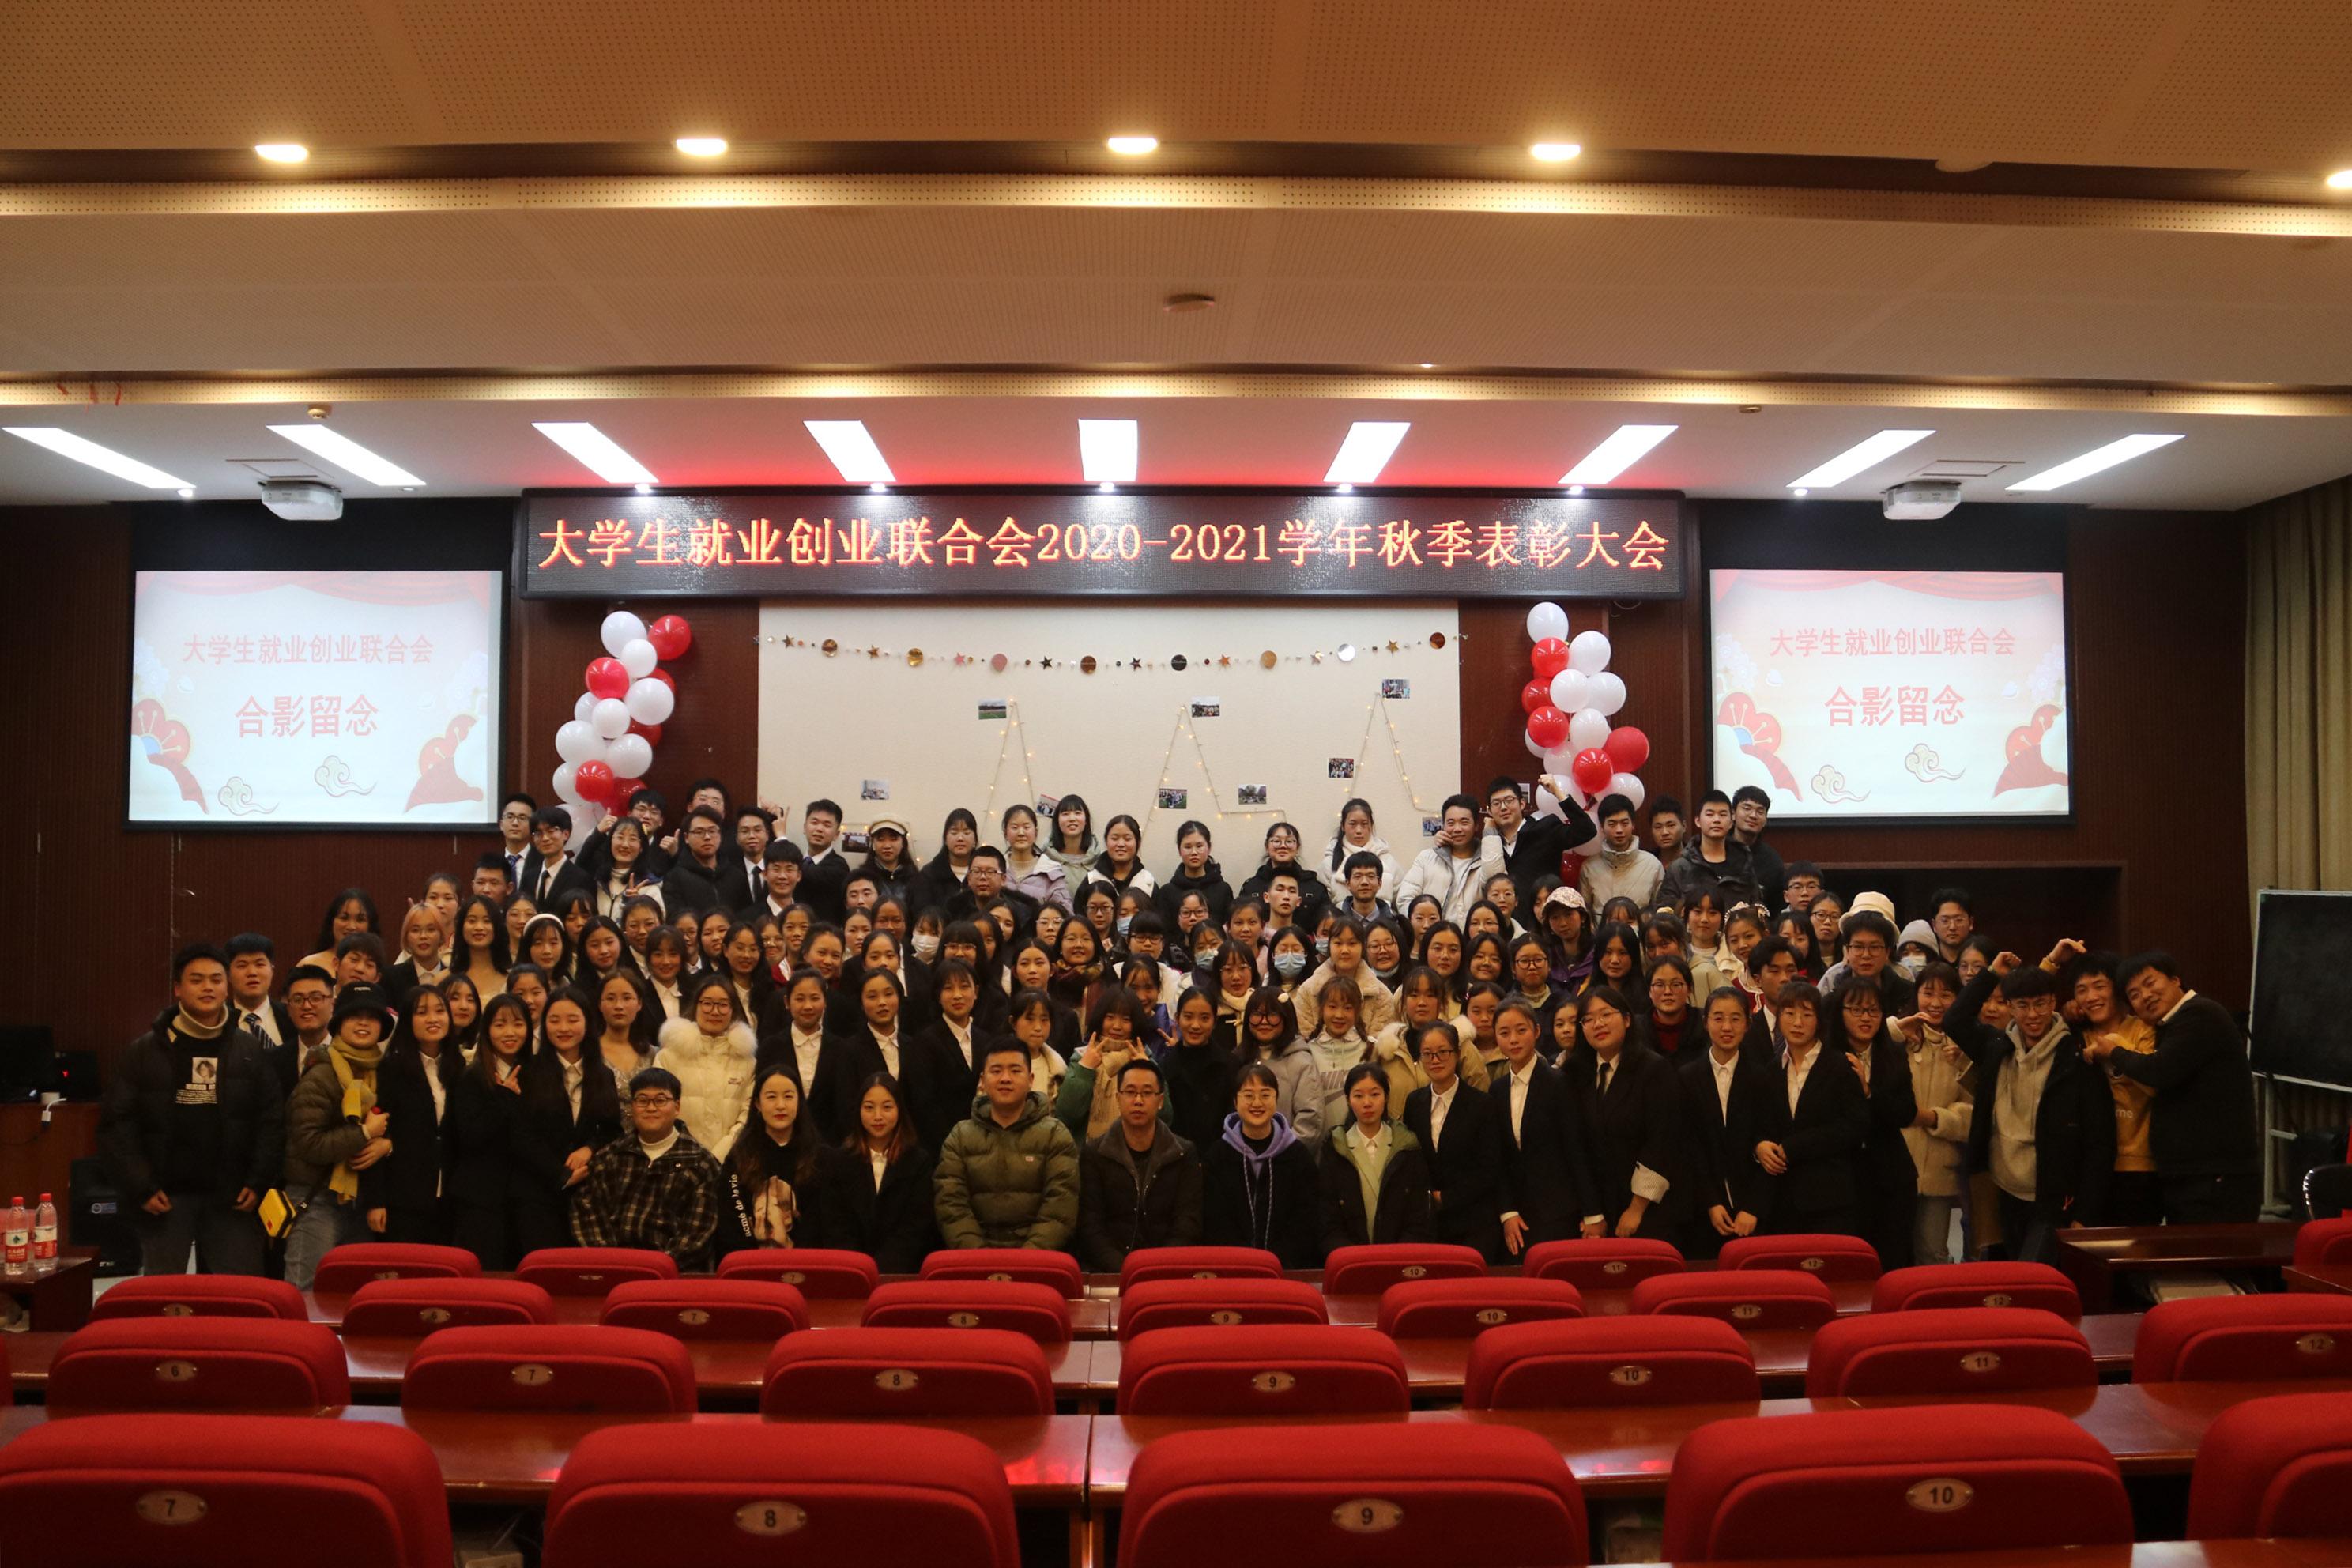 大学生就业创业联合会2020-2021学年秋季表彰大会-图片4.JPG